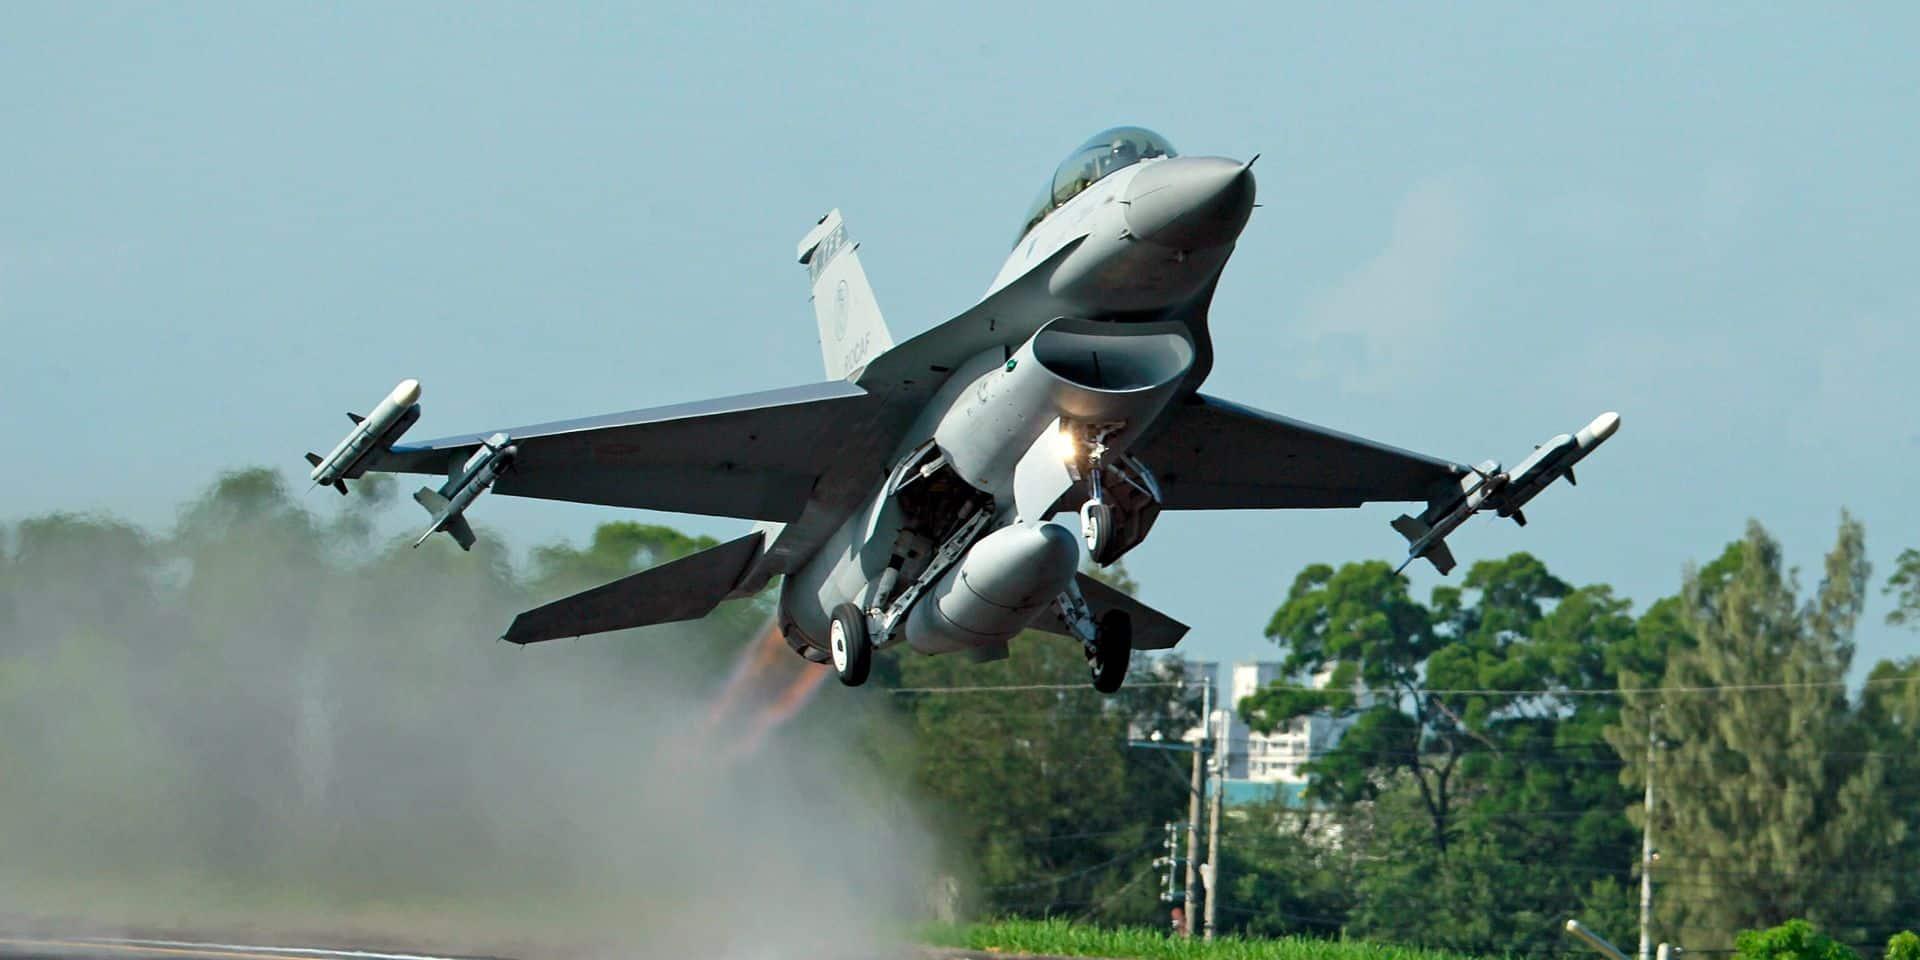 Un avion militaire américain s'est crashé à Trèves, dans le sud-ouest de l'Allemagne